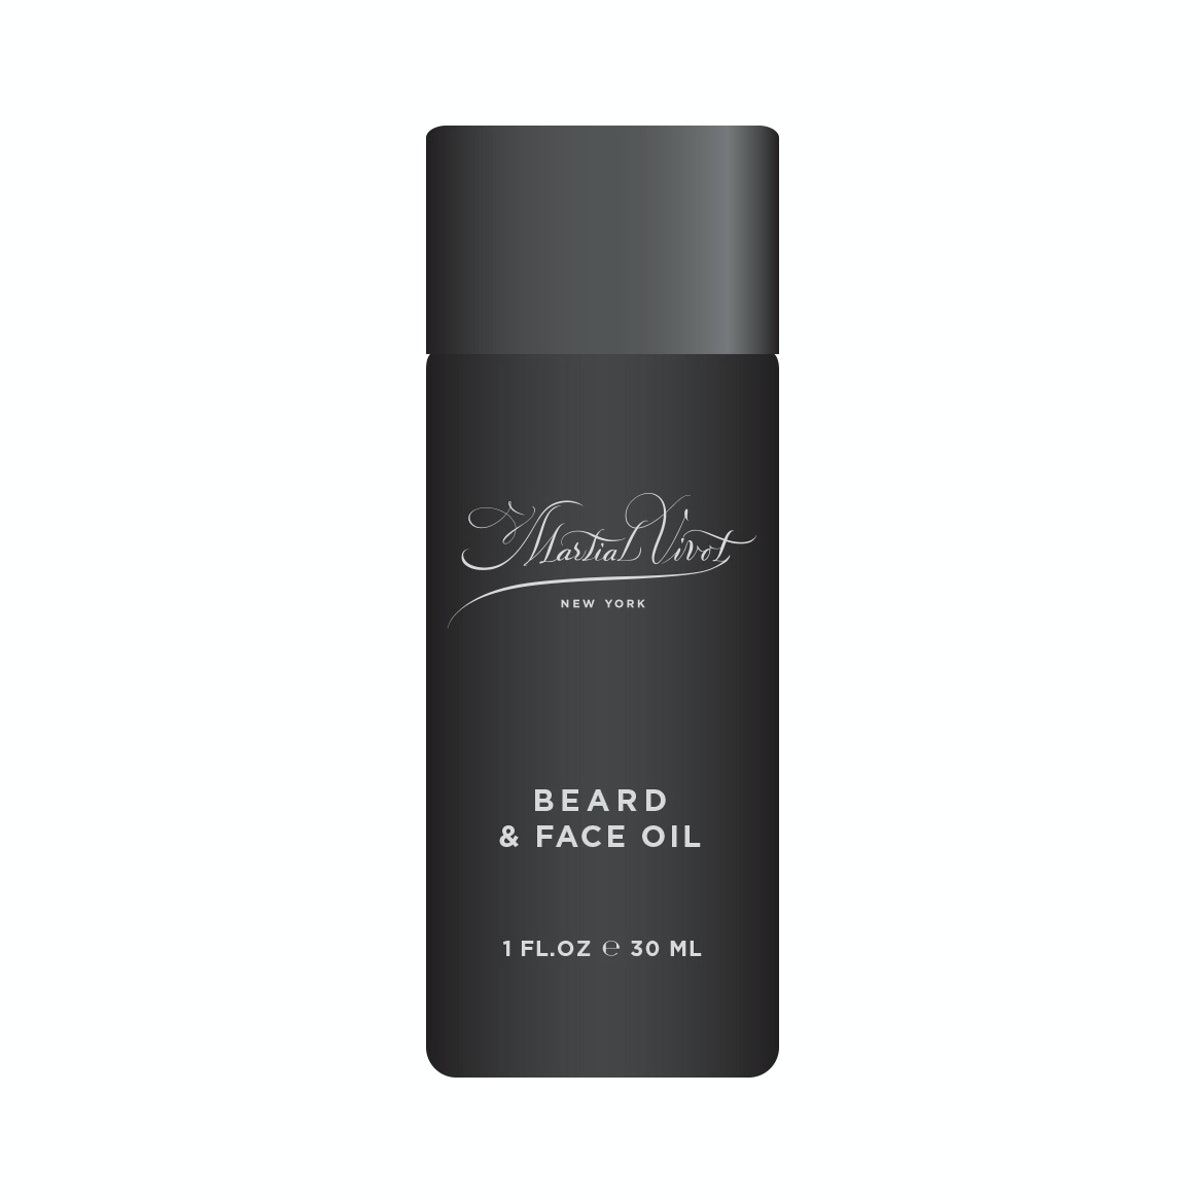 Martial Vivot Face & Beard Oil